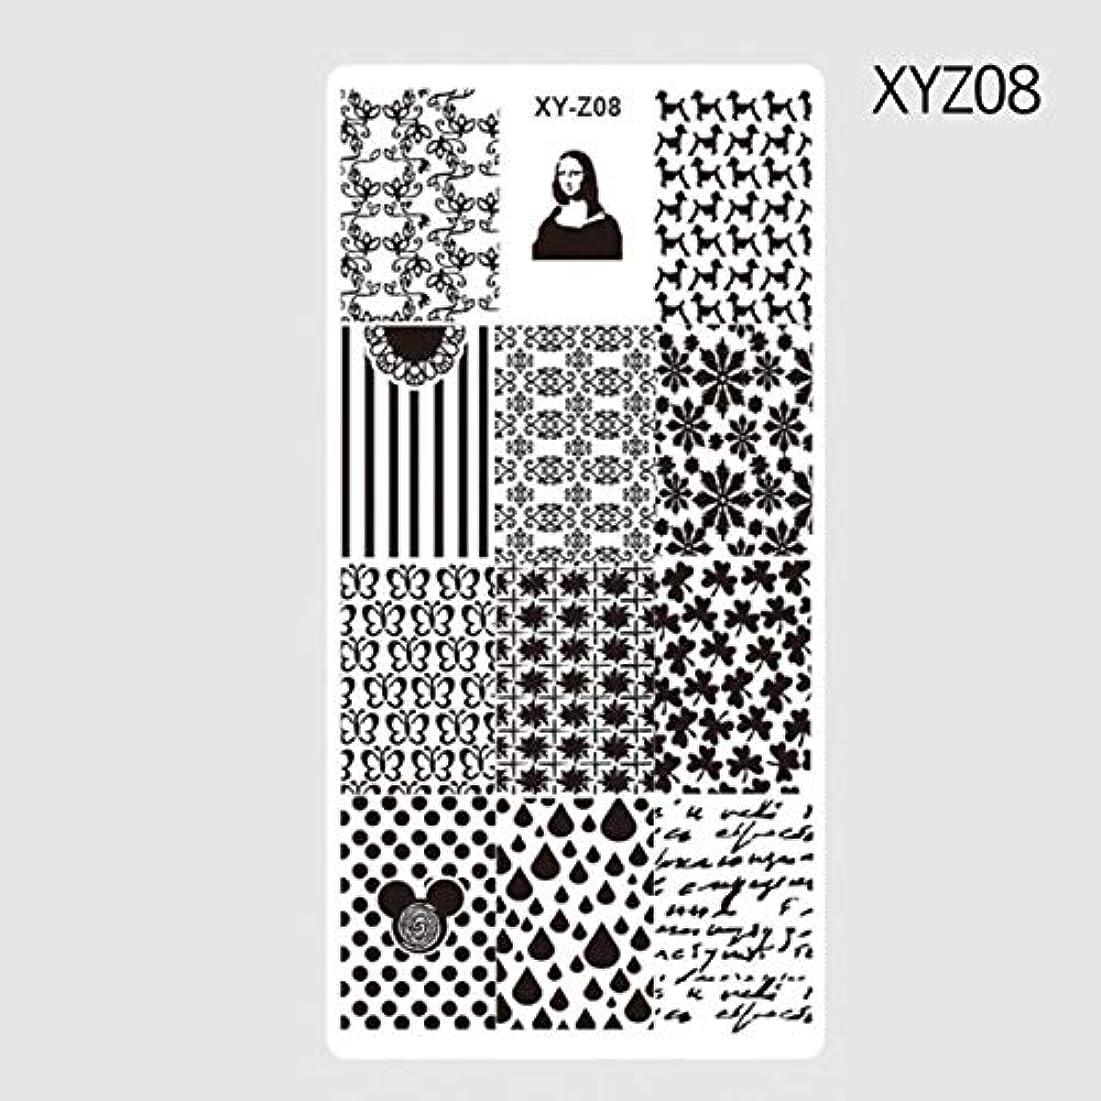 大統領準拠ブラジャービューティー&パーソナルケア 3ピースネイルスタンピングテンプレート風車花柄DIYネイルデザイン(XYZ01) ステッカー&デカール (色 : XYZ08)